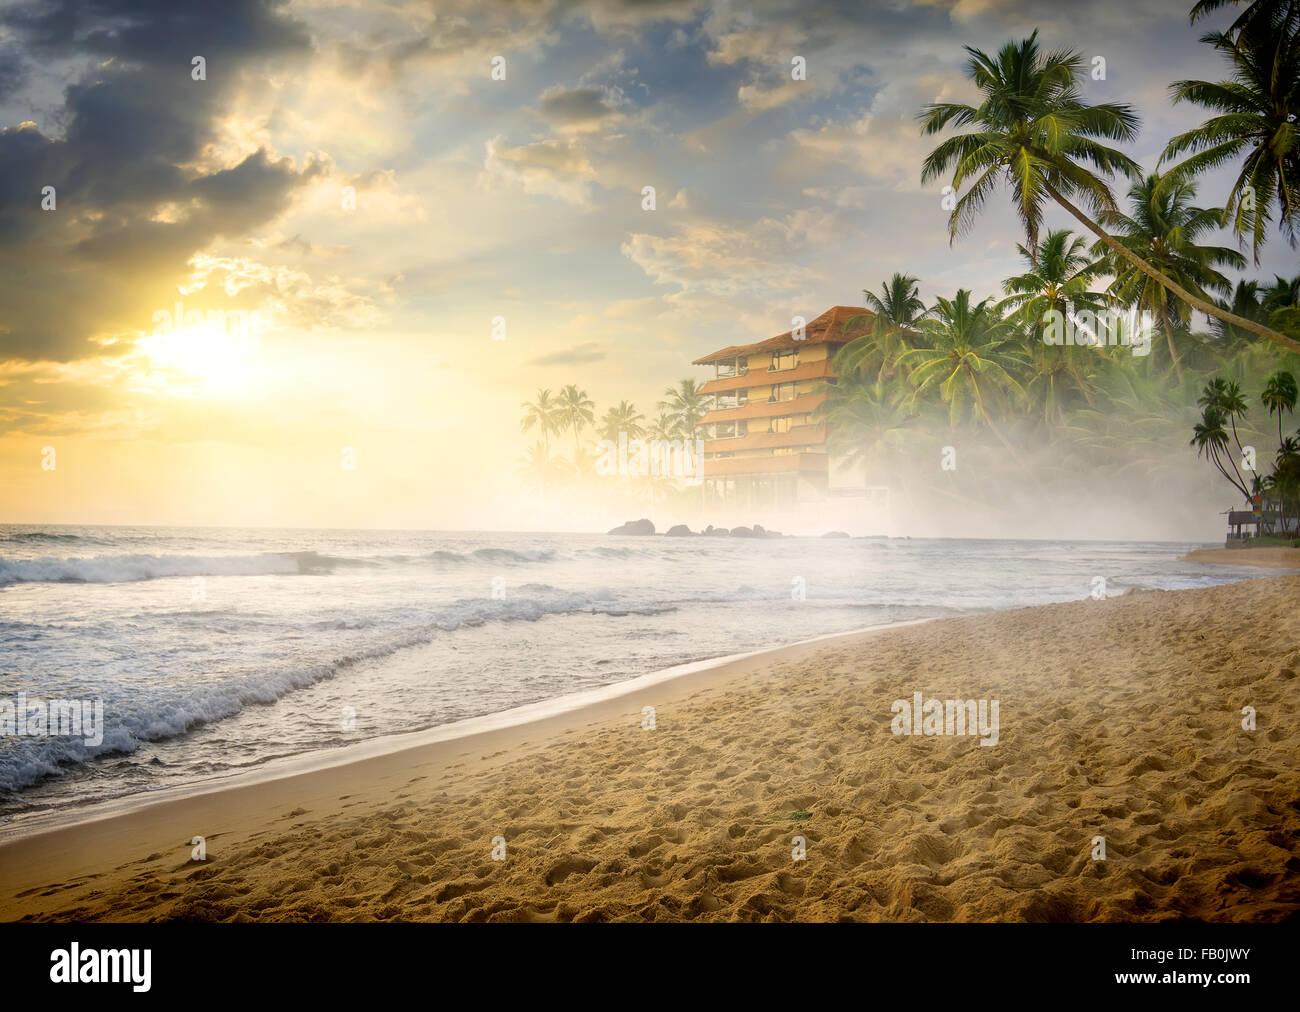 Nebbia di mattina sulla spiaggia sabbiosa dell'oceano Immagini Stock